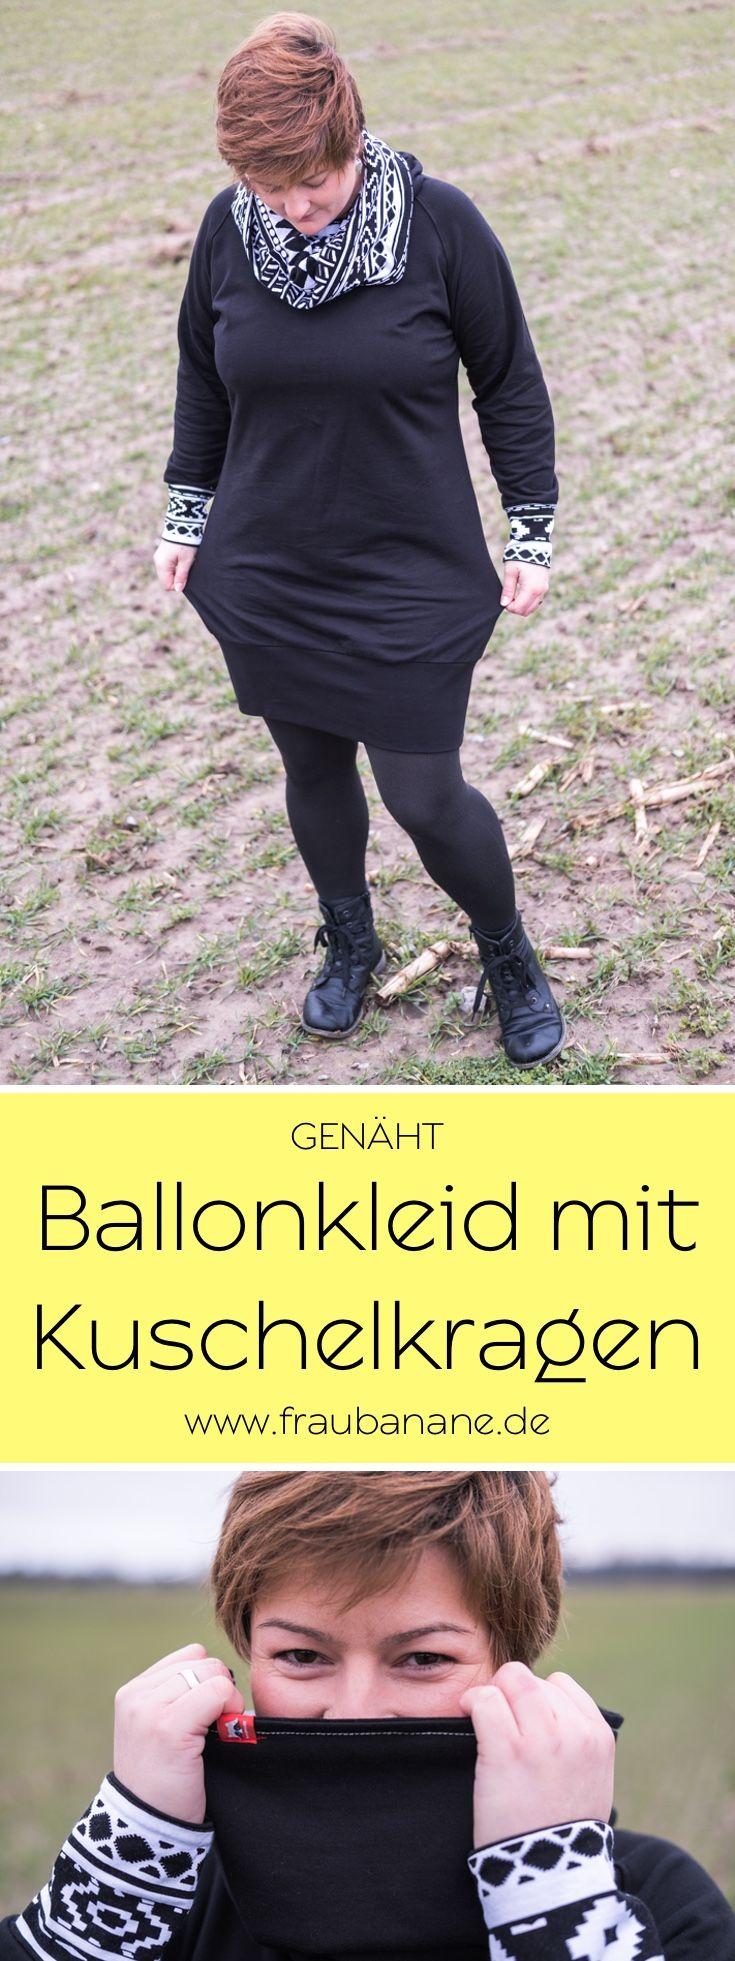 """Heute zeige ich euch mein neues Kuschelkleid für ungemütliche Wintertage. Genäht habe ich den Schnitt """"Kanga"""" von Jolijou. Das Kleid hat ziemlich genau ein Jahr auf seine Fertigstellung gewartet., da es mir erst nicht gefiel. Mit einer kleinen Änderung ist es nun zu meinem Lieblingskleid geworden! #fraubanane #ballonkleid #kleid #sweatkleid #kanga #jolijou #sweat #ethno #ikat #nähen #selbstgenäht #handmade #diy #genäht #schnittmuster #viskosejersey"""